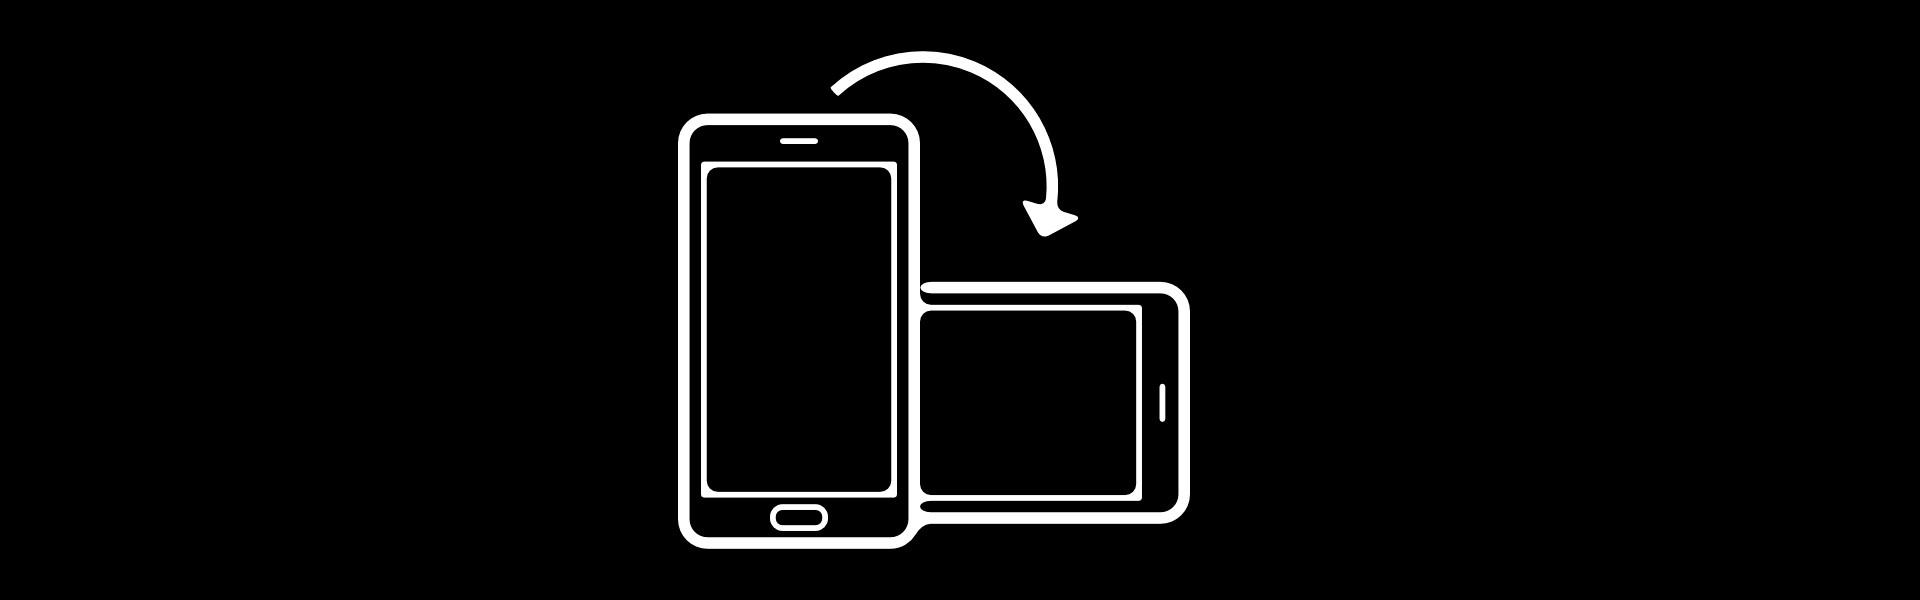 Cómo «bloquear» una web en un móvil horizontal (landscape)